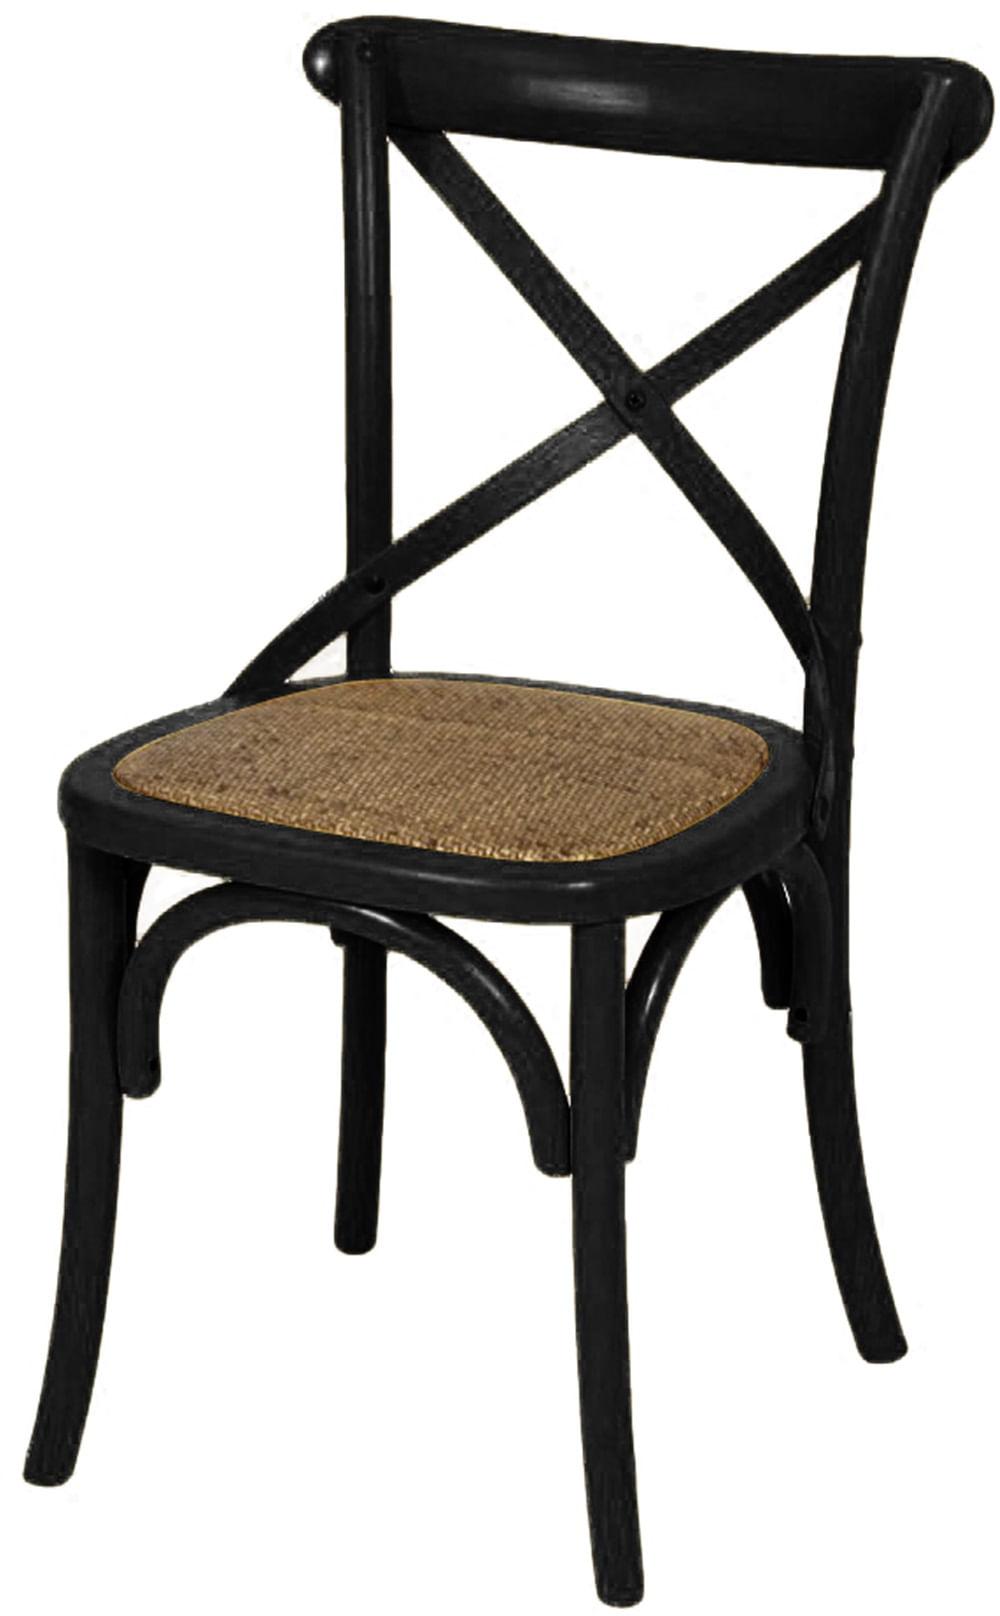 Cadeira Katrina Preta Laqueada com Assento Rattan - 30748